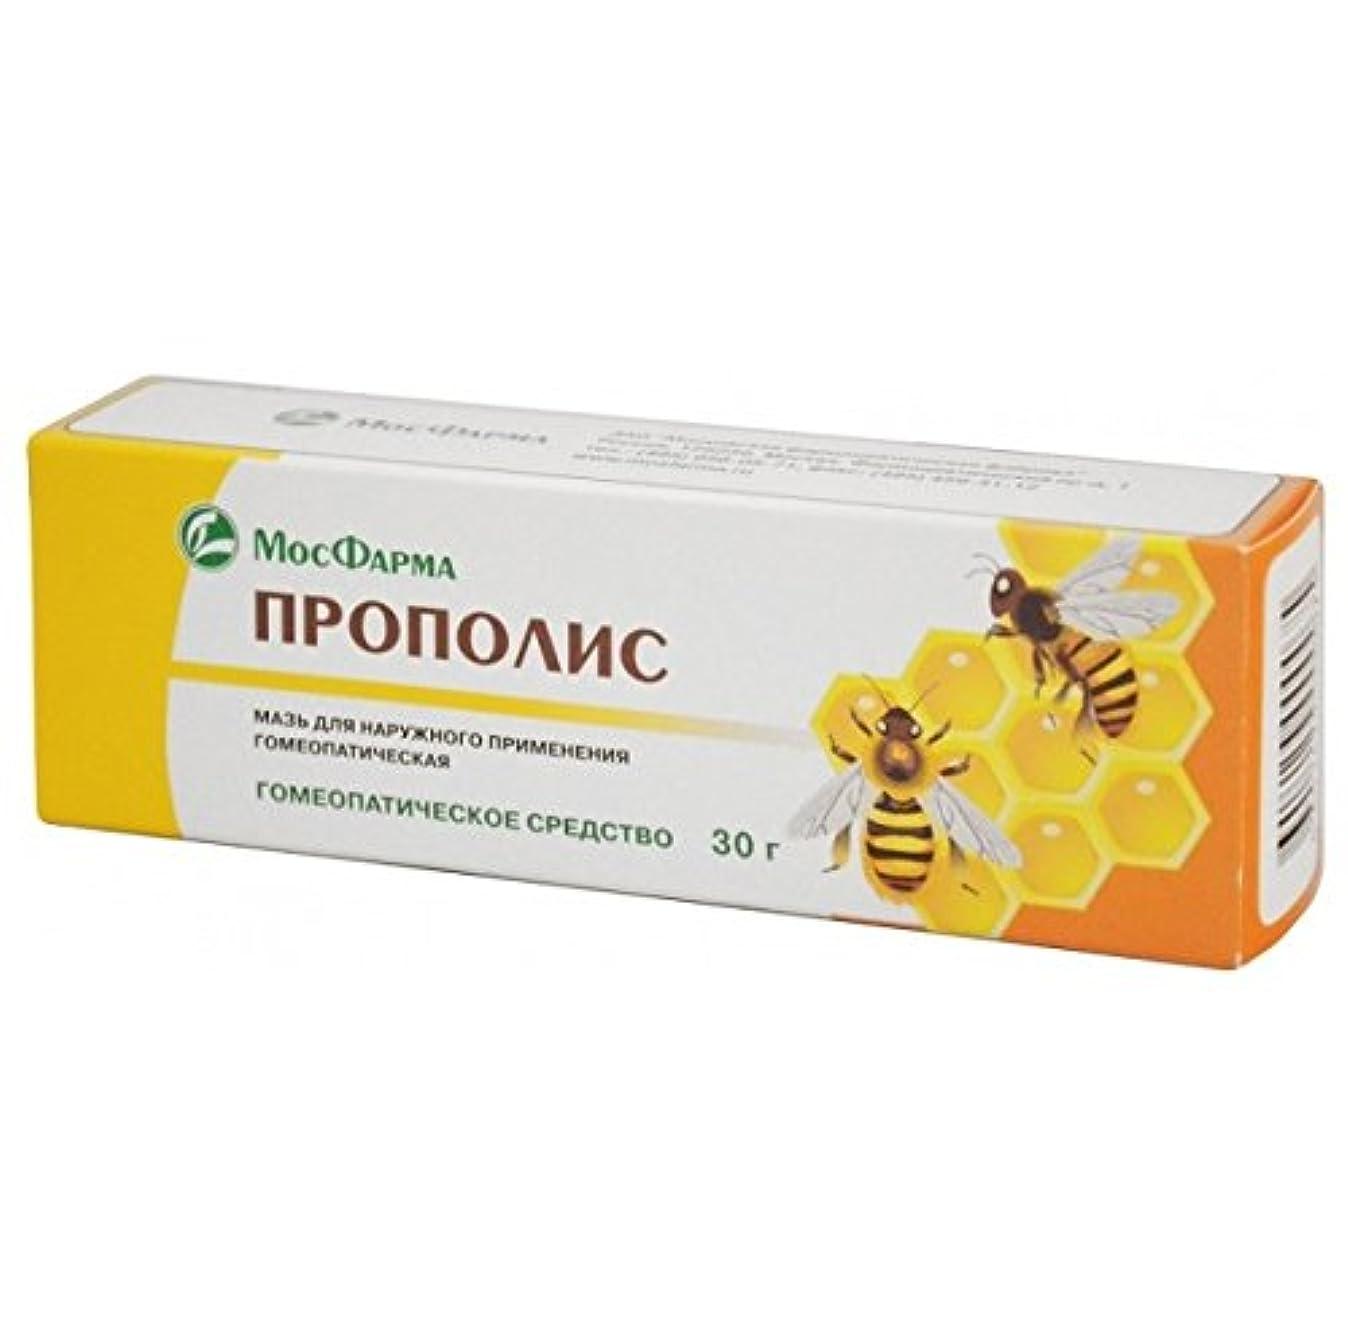 さまよう情熱プロフェッショナルPropolis ointment 30gr. プロポリス軟膏